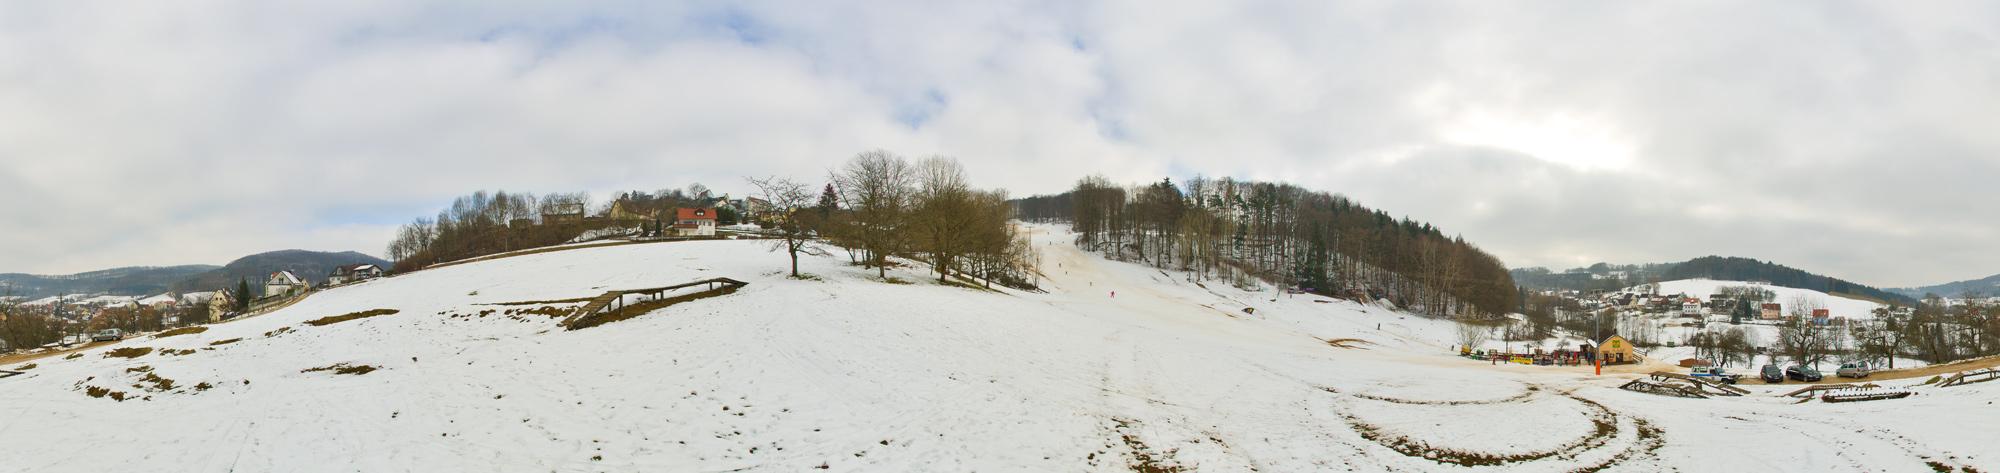 360°-Panorama Forchheim